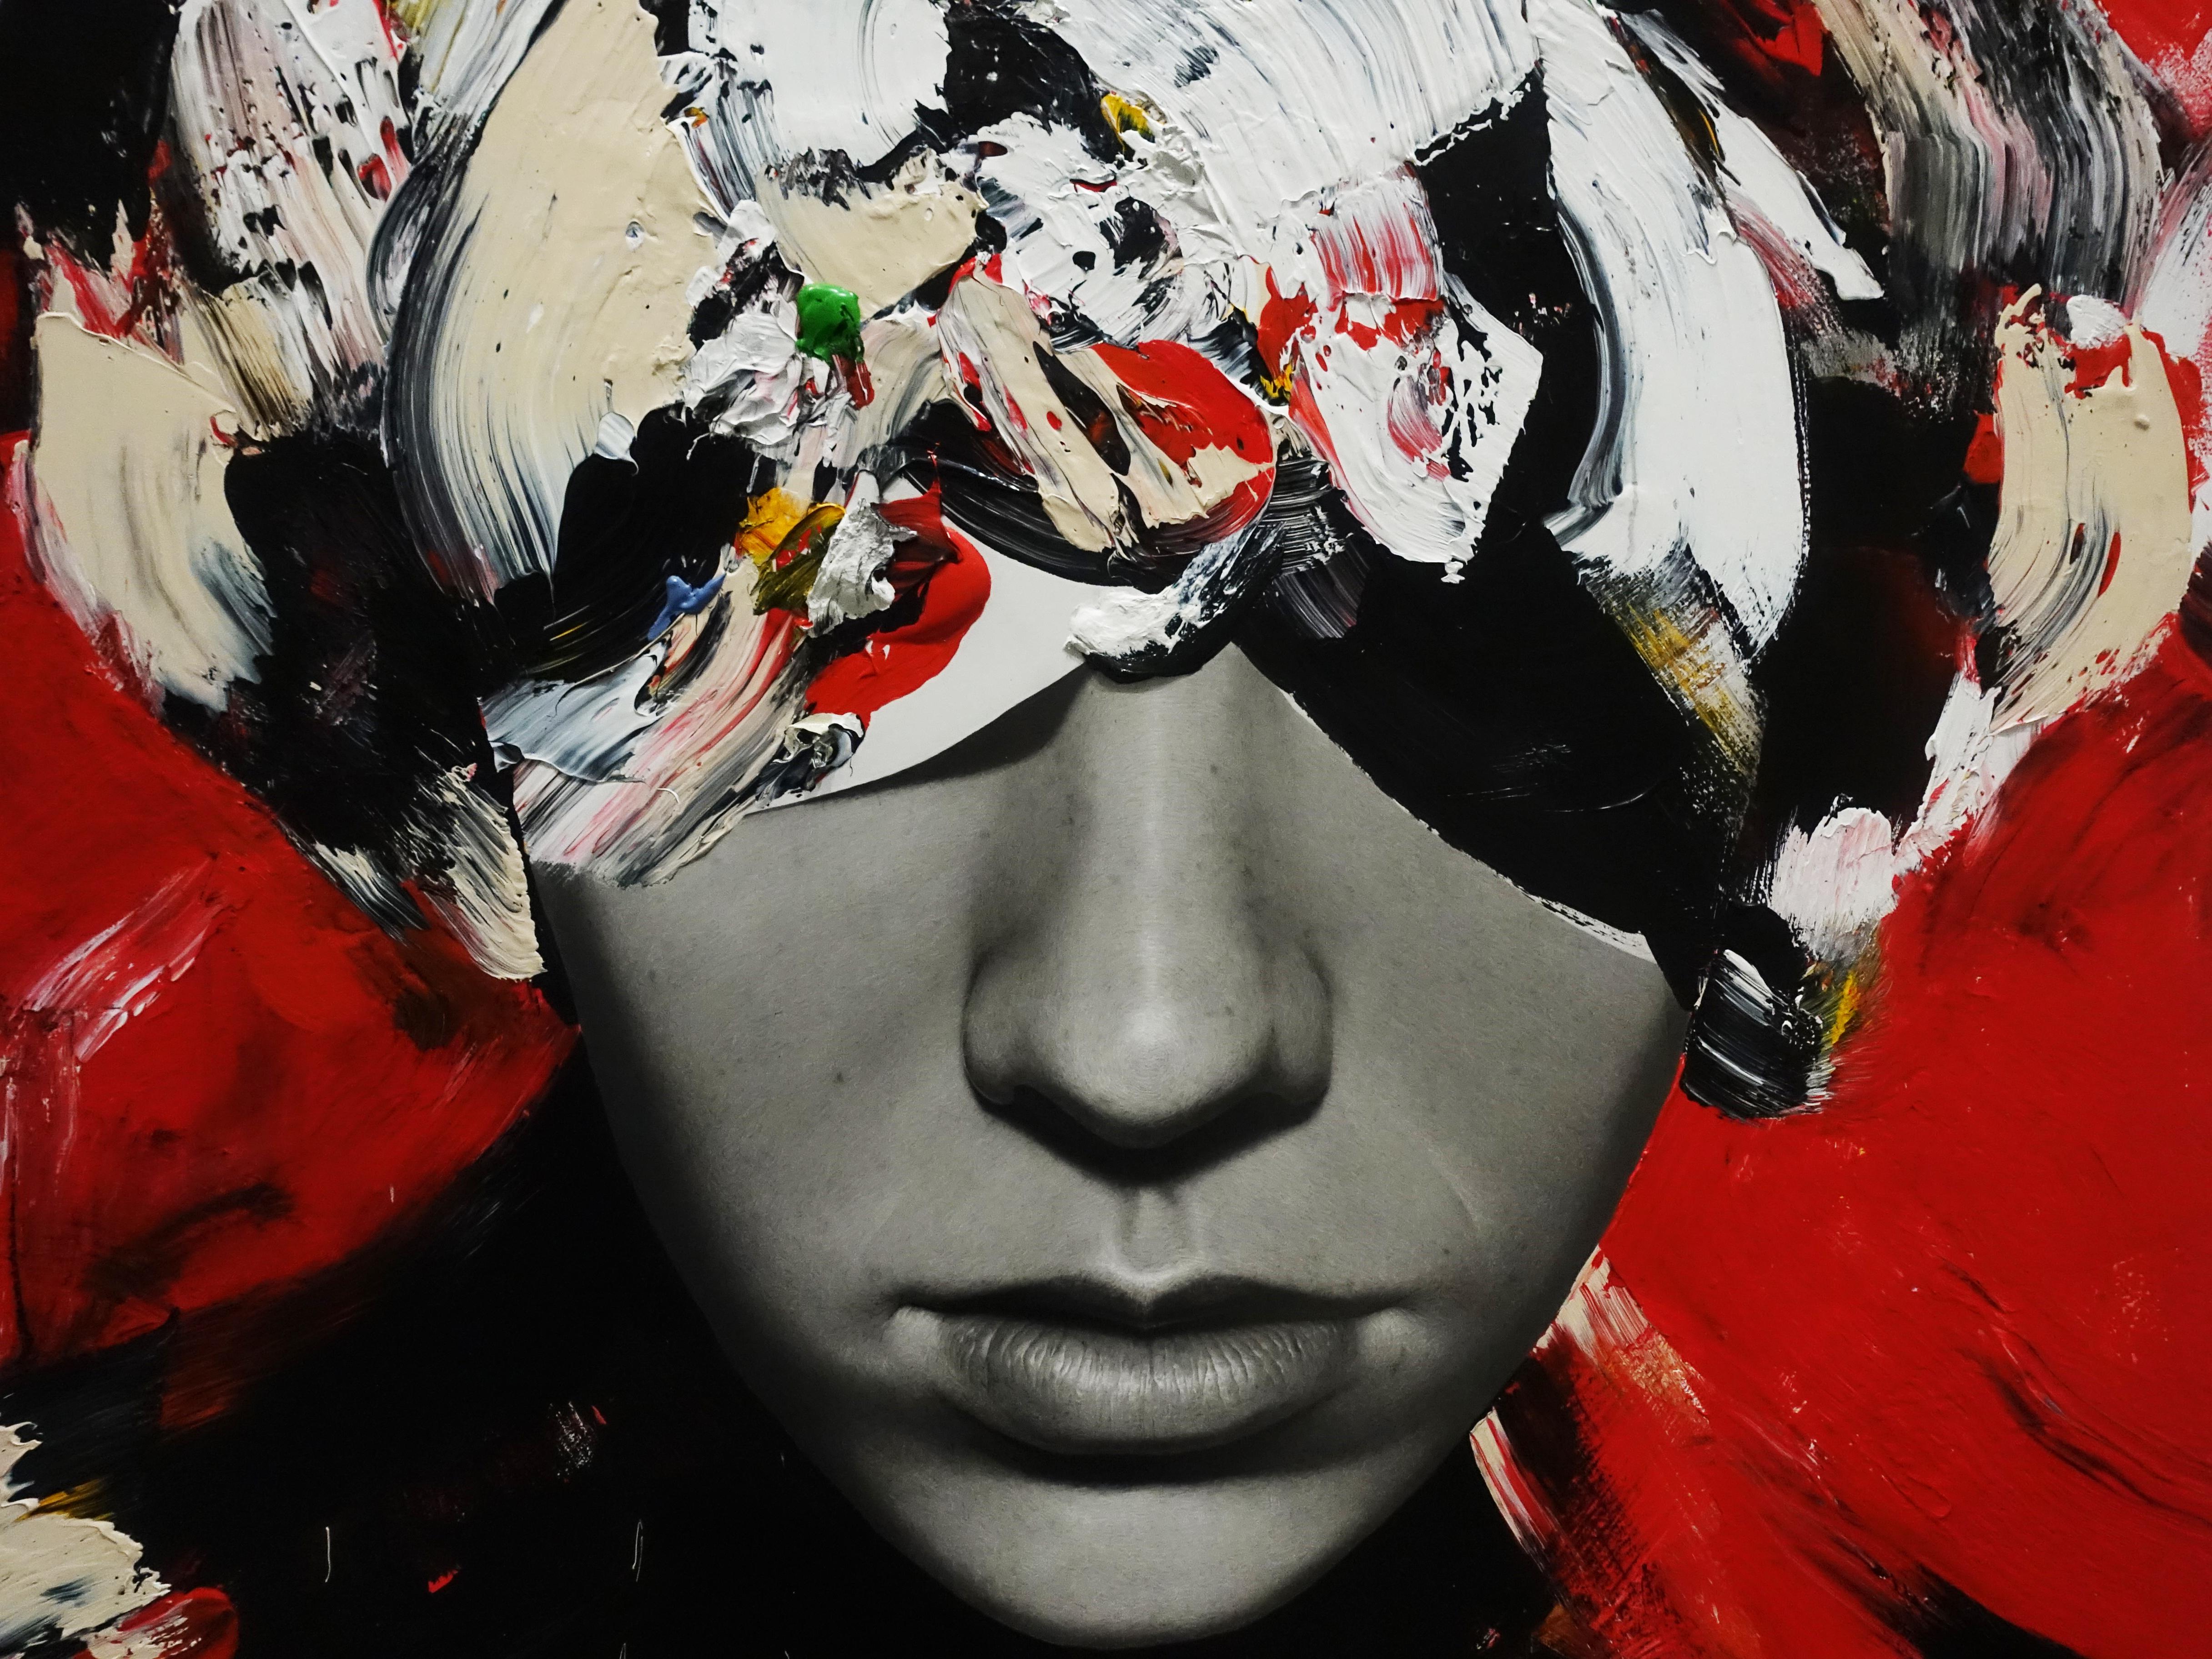 佐藤誠高,《Woman in red dress》細節,130 x 97 cm,鉛筆、壓克力、紙、木板,2019。